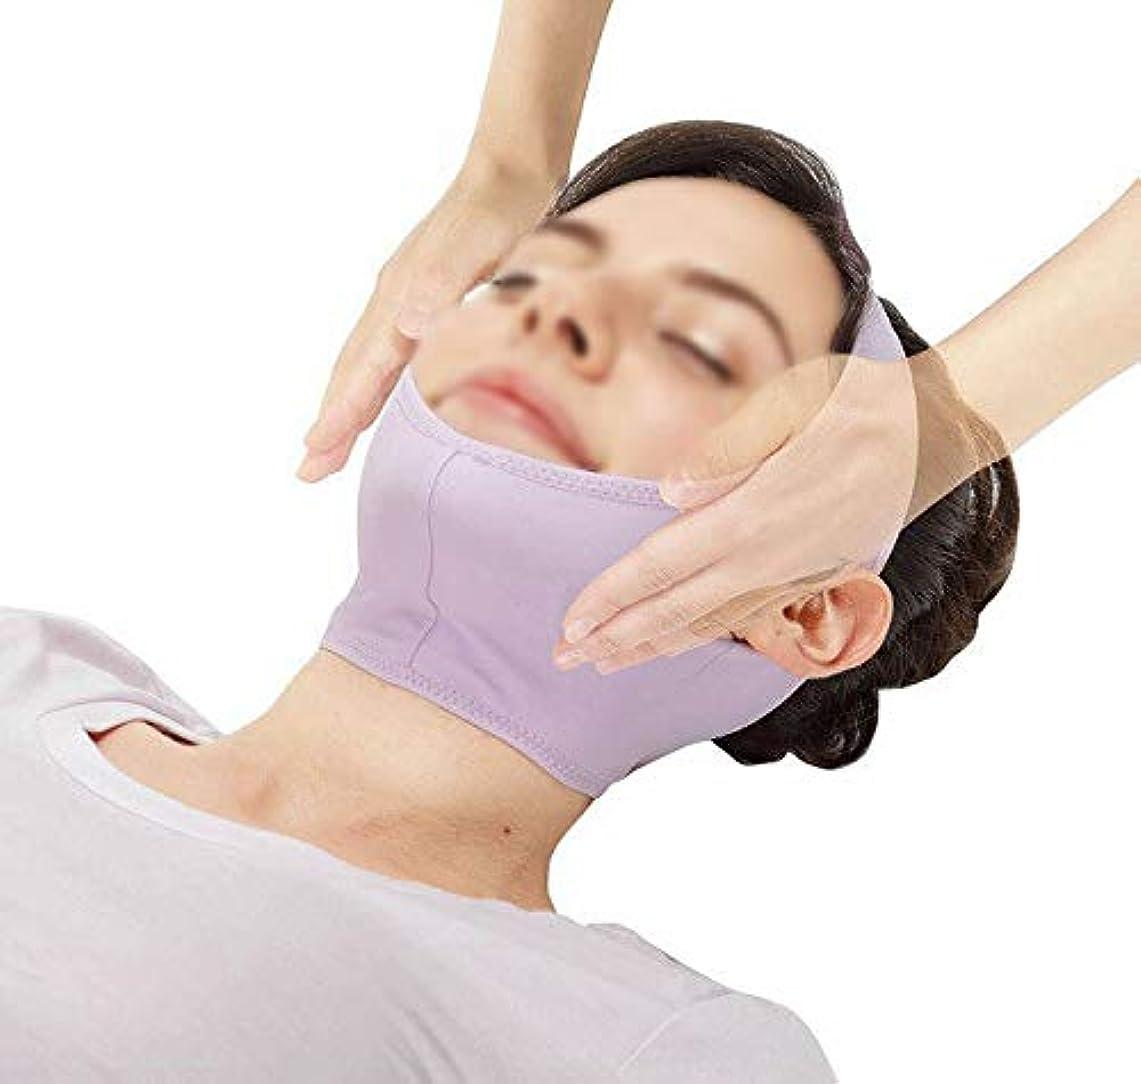 意欲グラフィック退却LJK フェイシャルマスク、フェイスリフトアーティファクトマスク垂れ下がった顔小さなV顔包帯通気性睡眠ダブルチン減量マスク